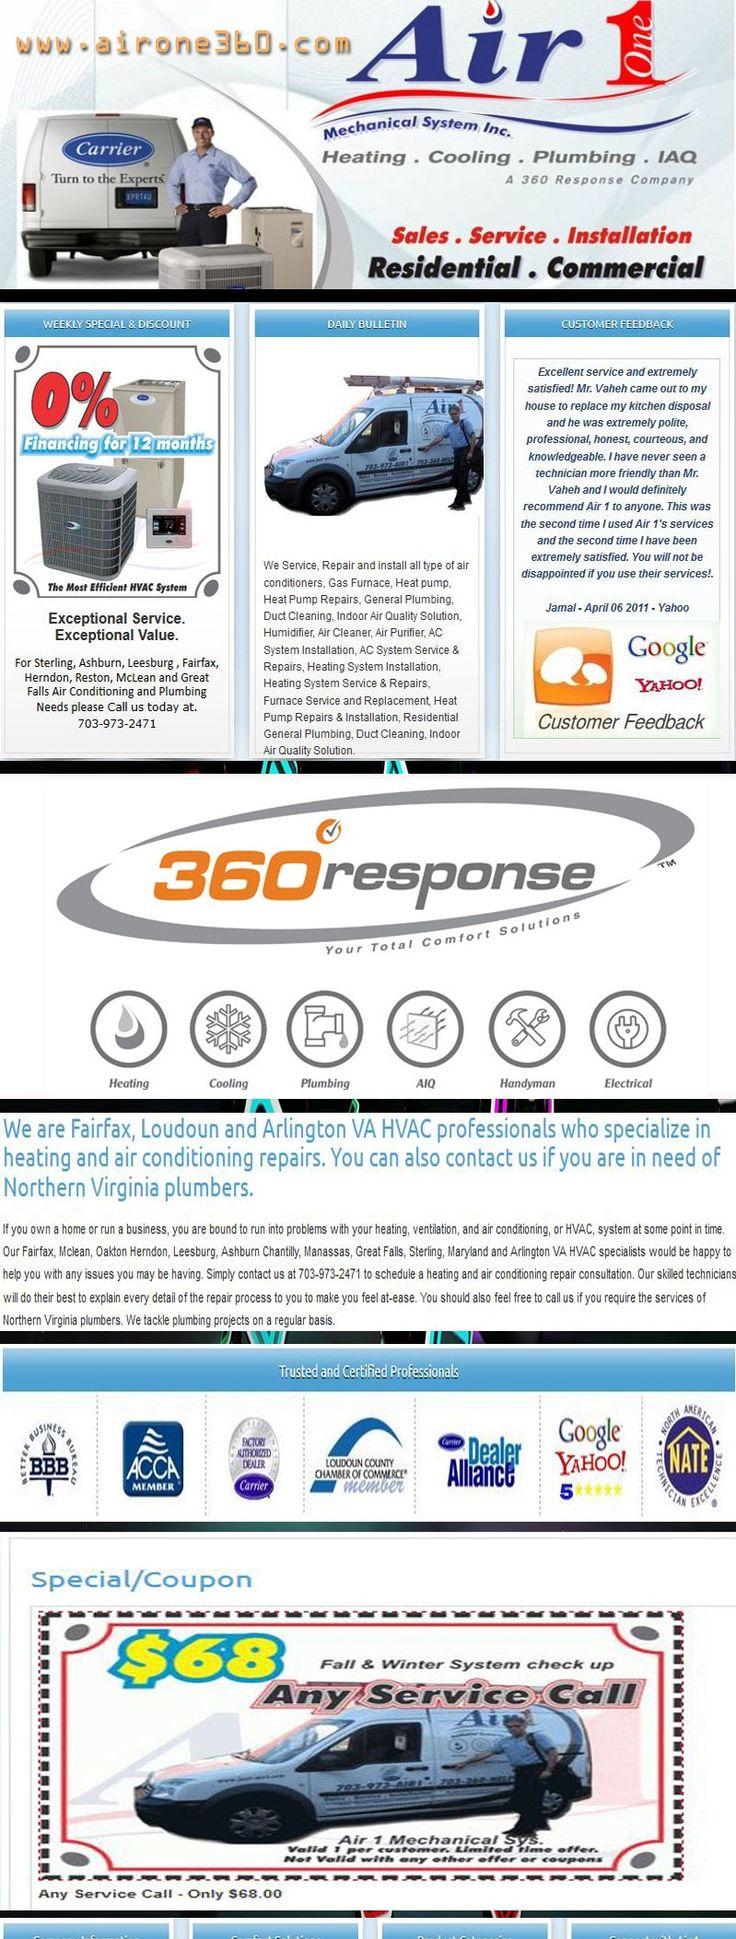 Erfreut Hr Assistant Resume Objektiv Fotos - Beispiel Business ...